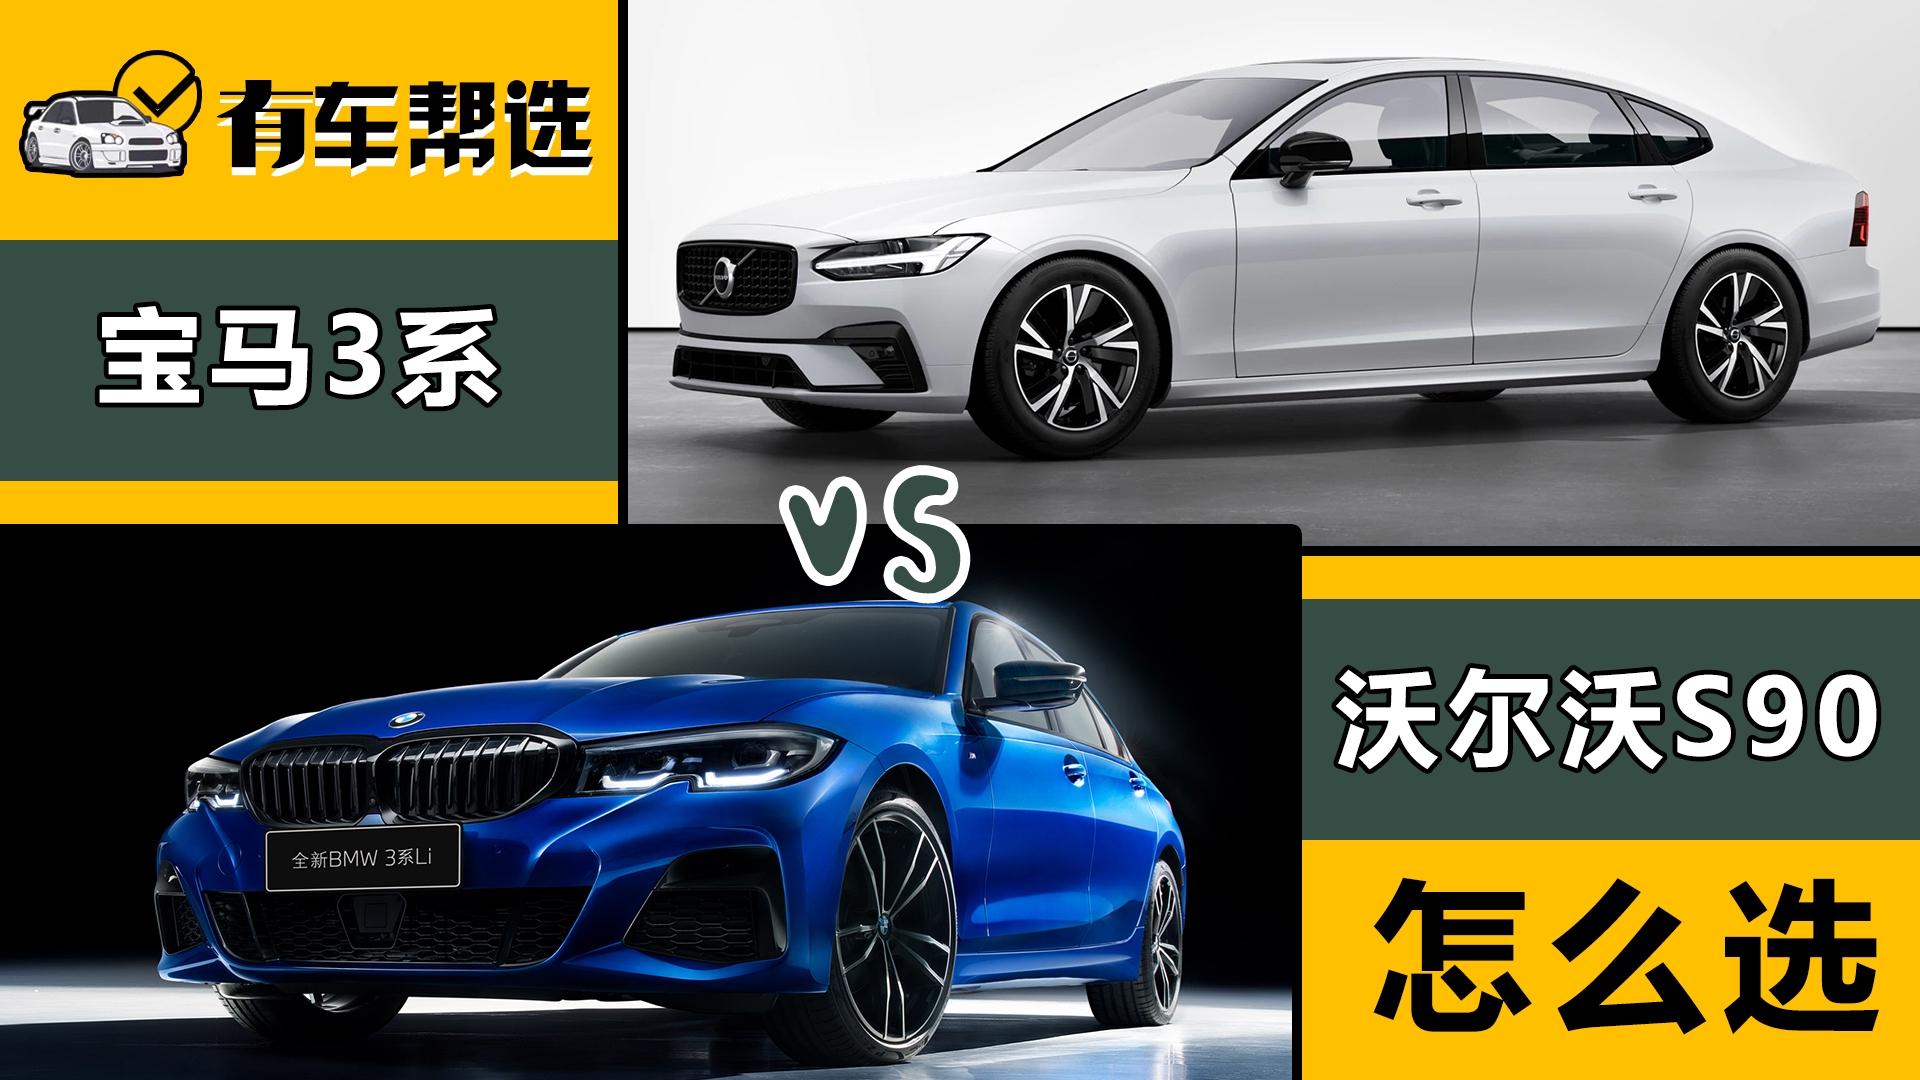 视频:商务与运动该选谁?宝马330Li和沃尔沃S90该怎么选?